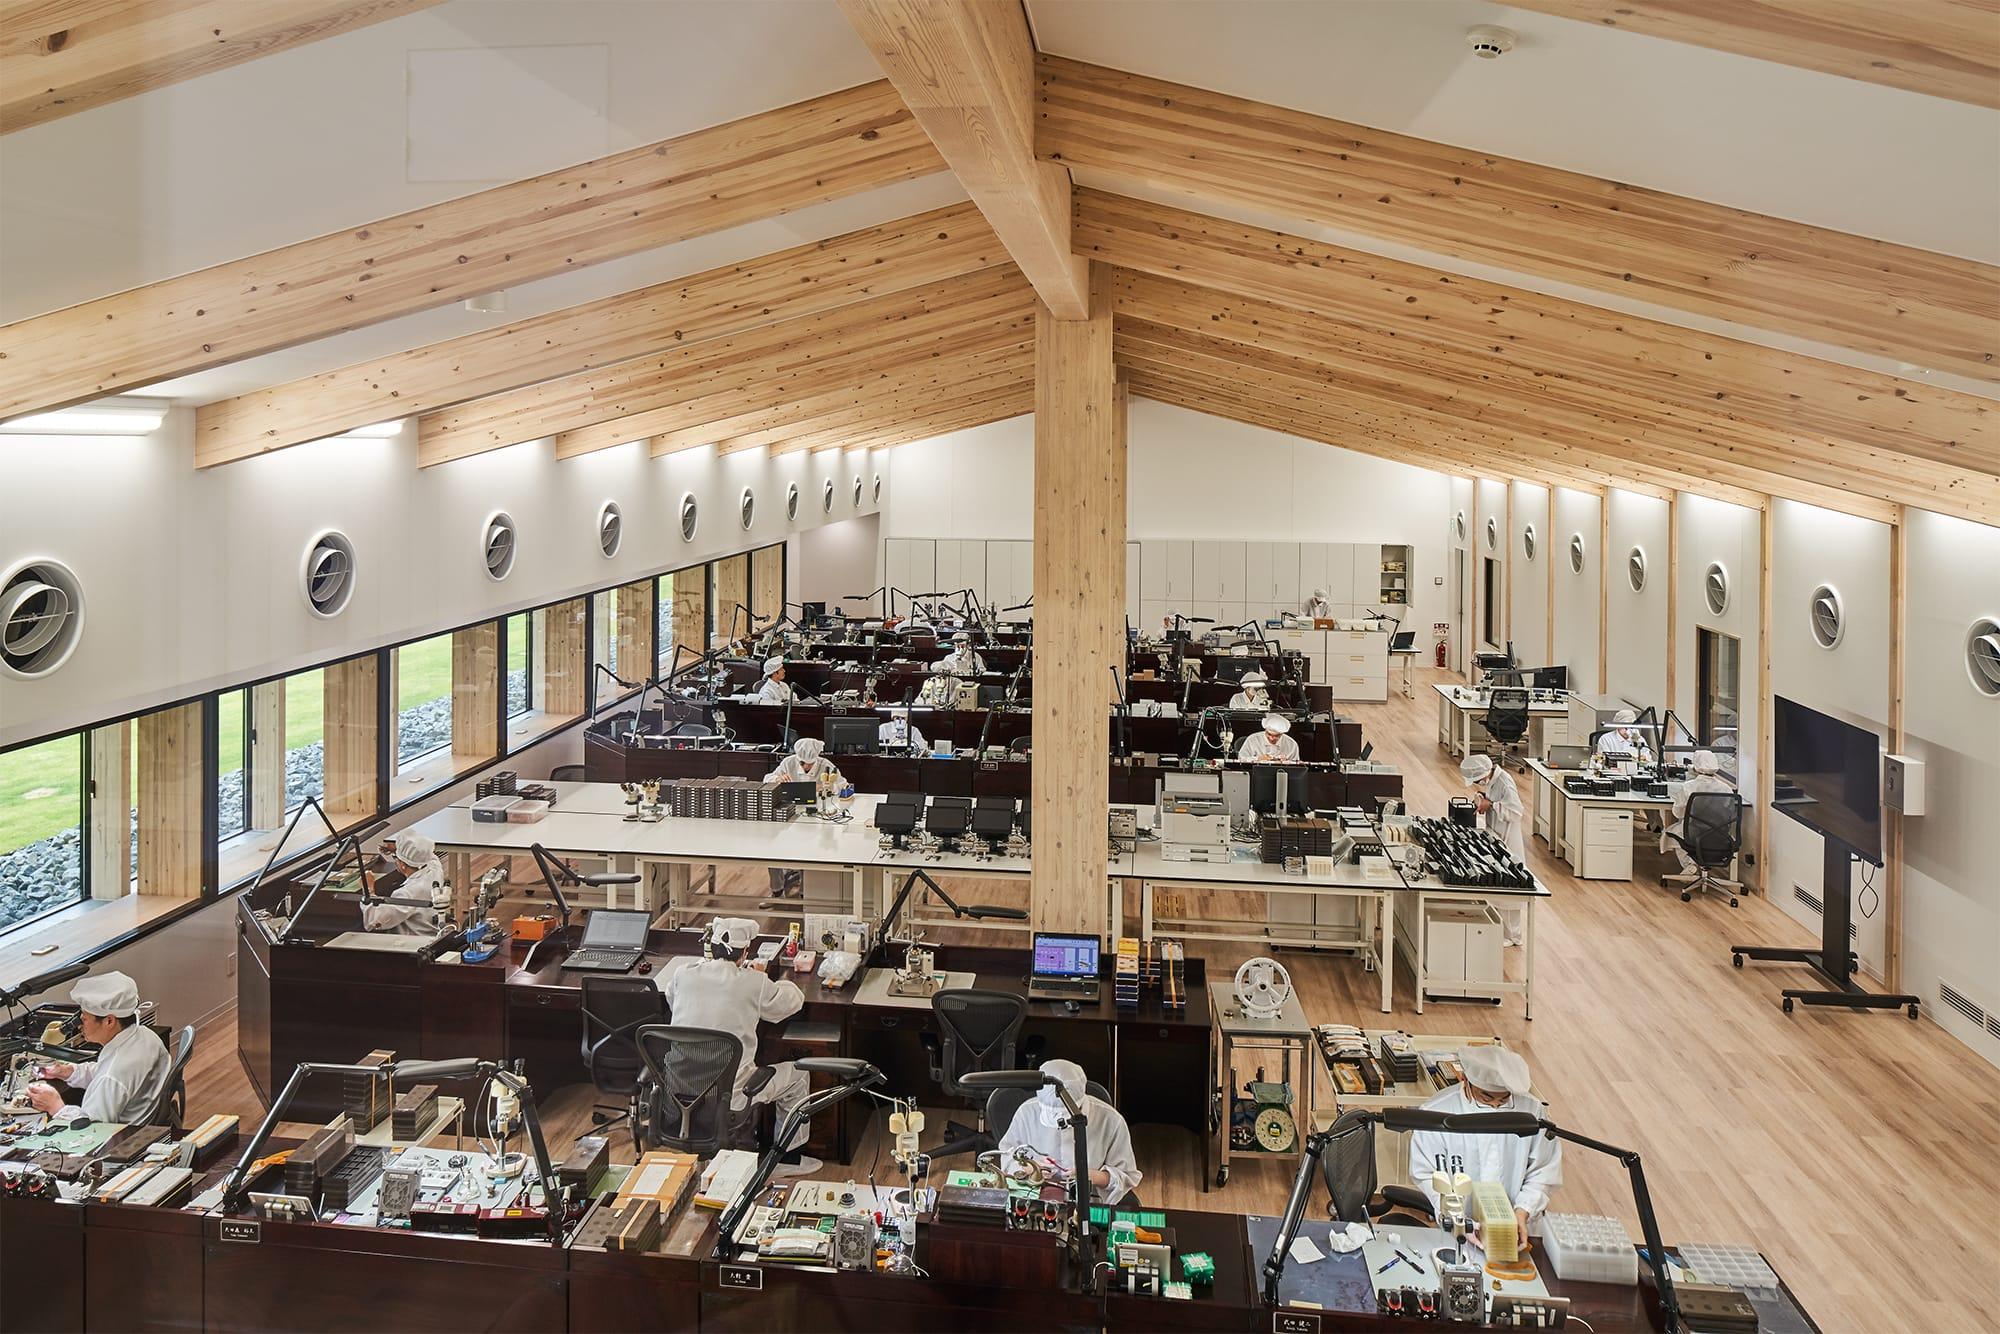 「グランドセイコースタジオ 雫石」のクリーンルーム。防塵や空気清浄の確保など高い機能レベルが求められるクリーンルームにおいて、木造建築のものはあまり例がないが、照明の方法や床からの空調なども含めて現代の最高技術を駆使して実現した。